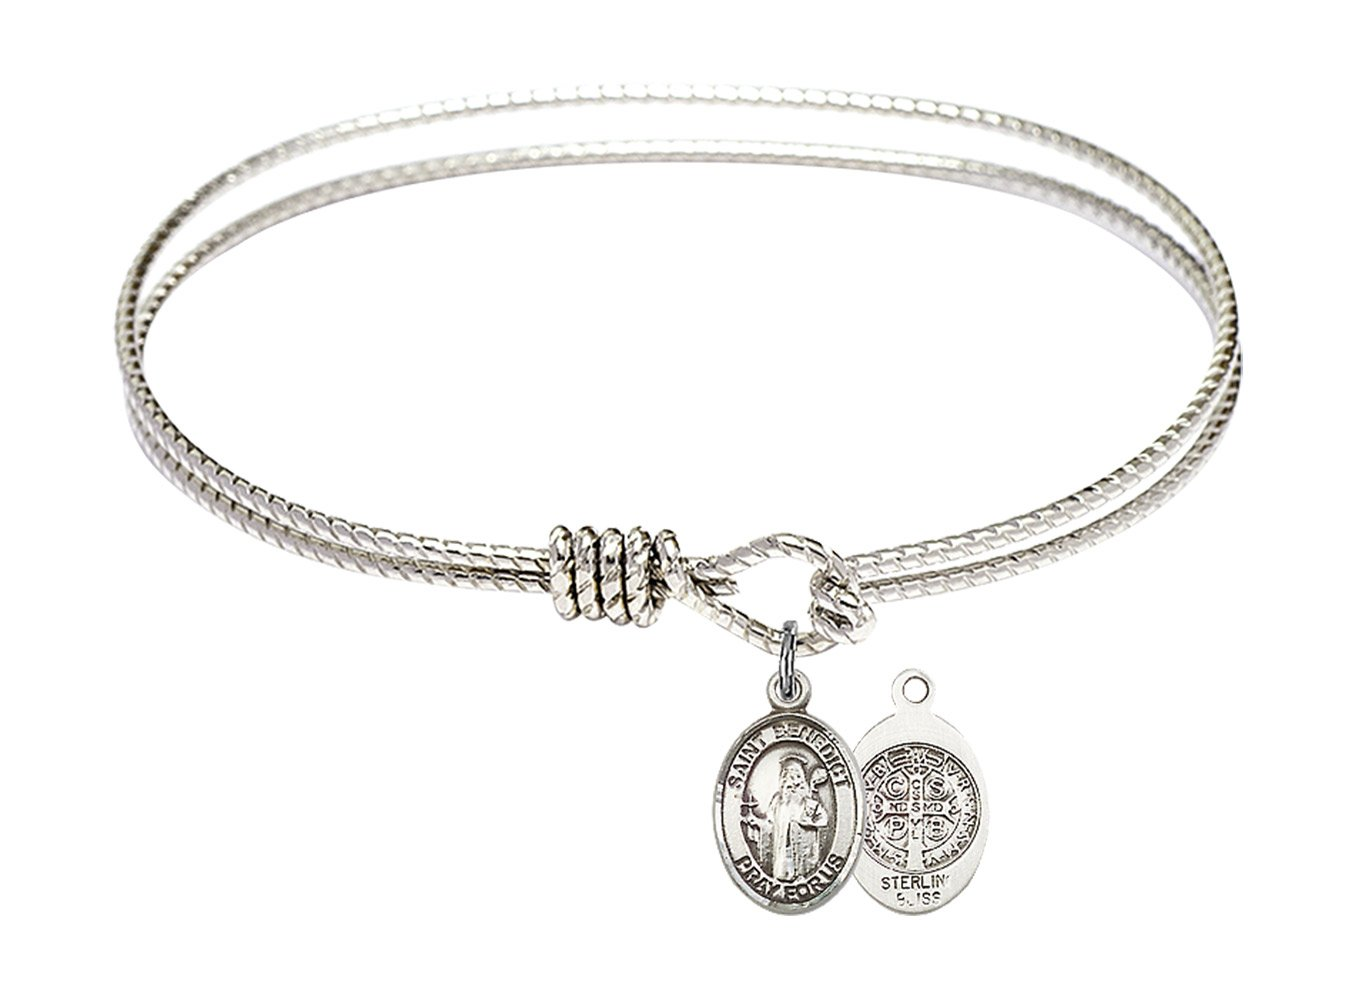 7 1/4 inch Oval Eye Hook Bangle Bracelet w/ St. Benedict in Sterling Silver